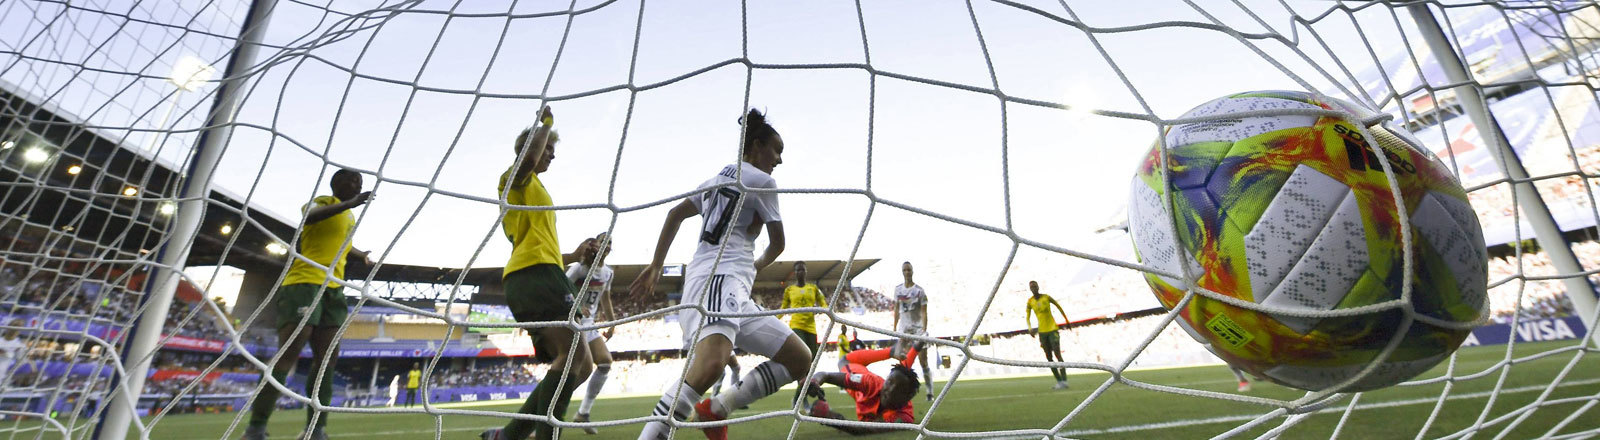 Deutschland spielt am 17. Juni 2019 bei der Fußball-WM der Frauen gegen Südafrika. Auf dem Bild landet der Ball im Tornetz.